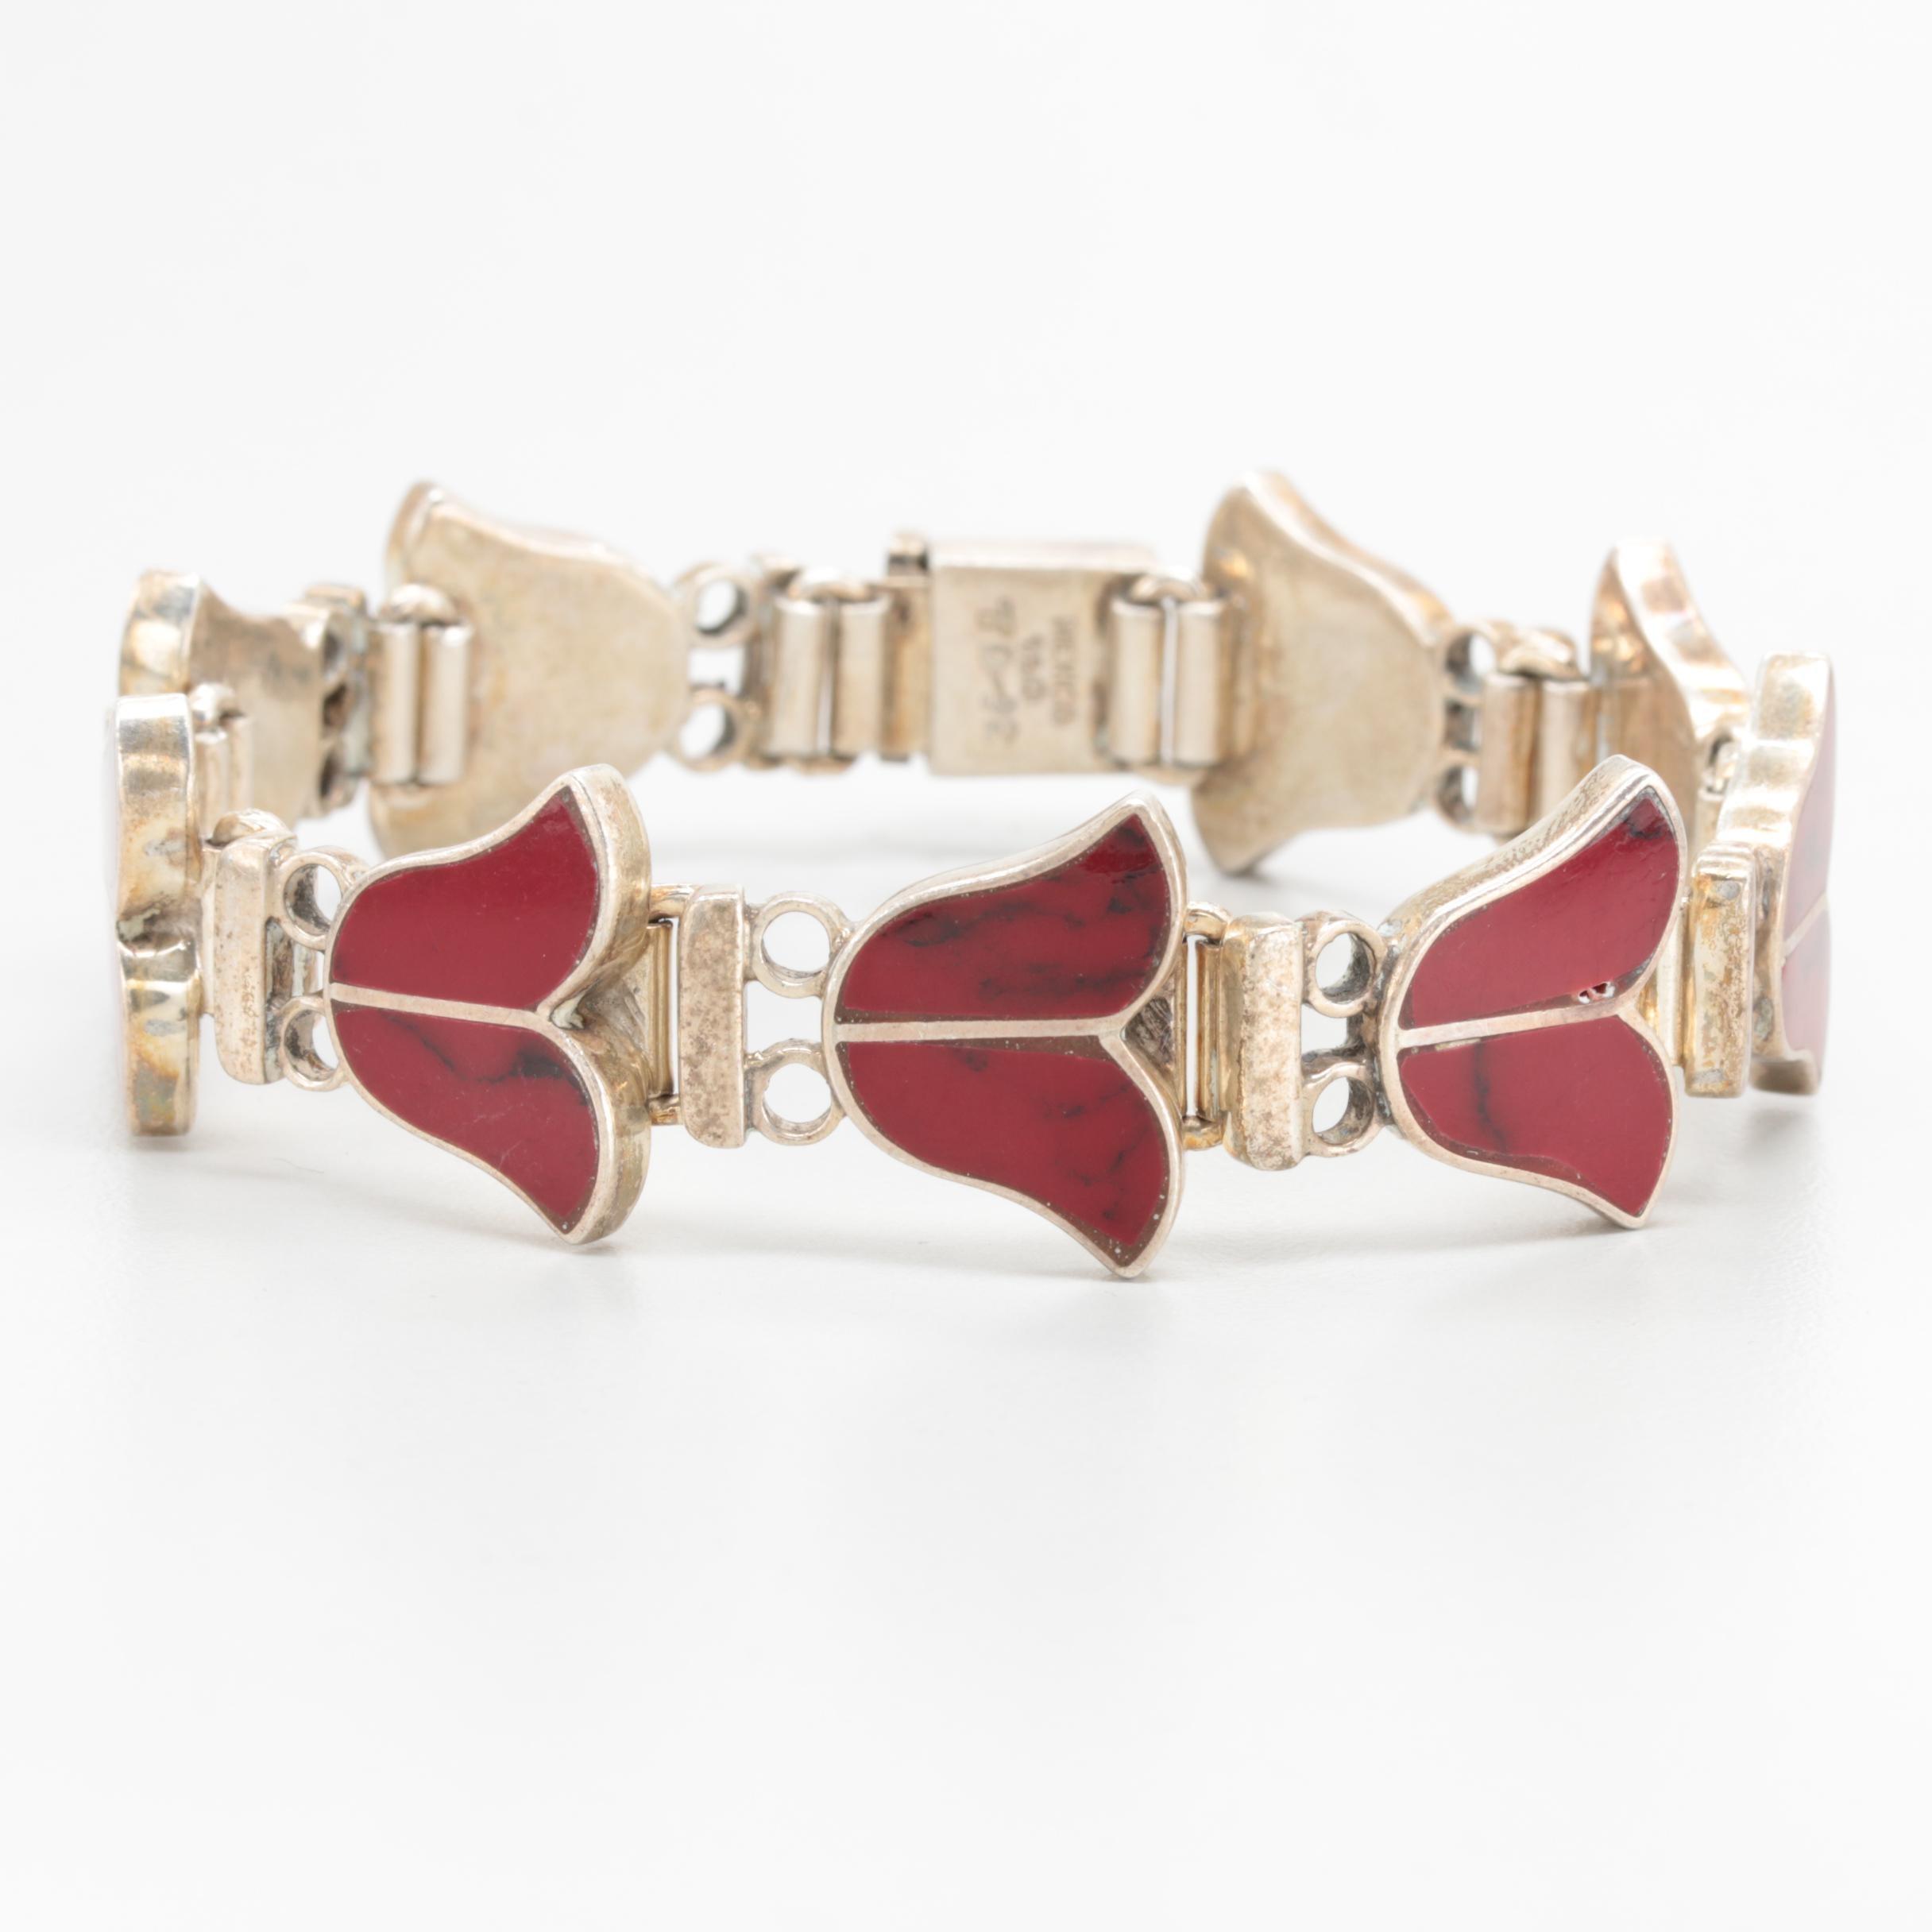 Taxco Mexico 950 Silver Jasper Inlay Foliate Bracelet